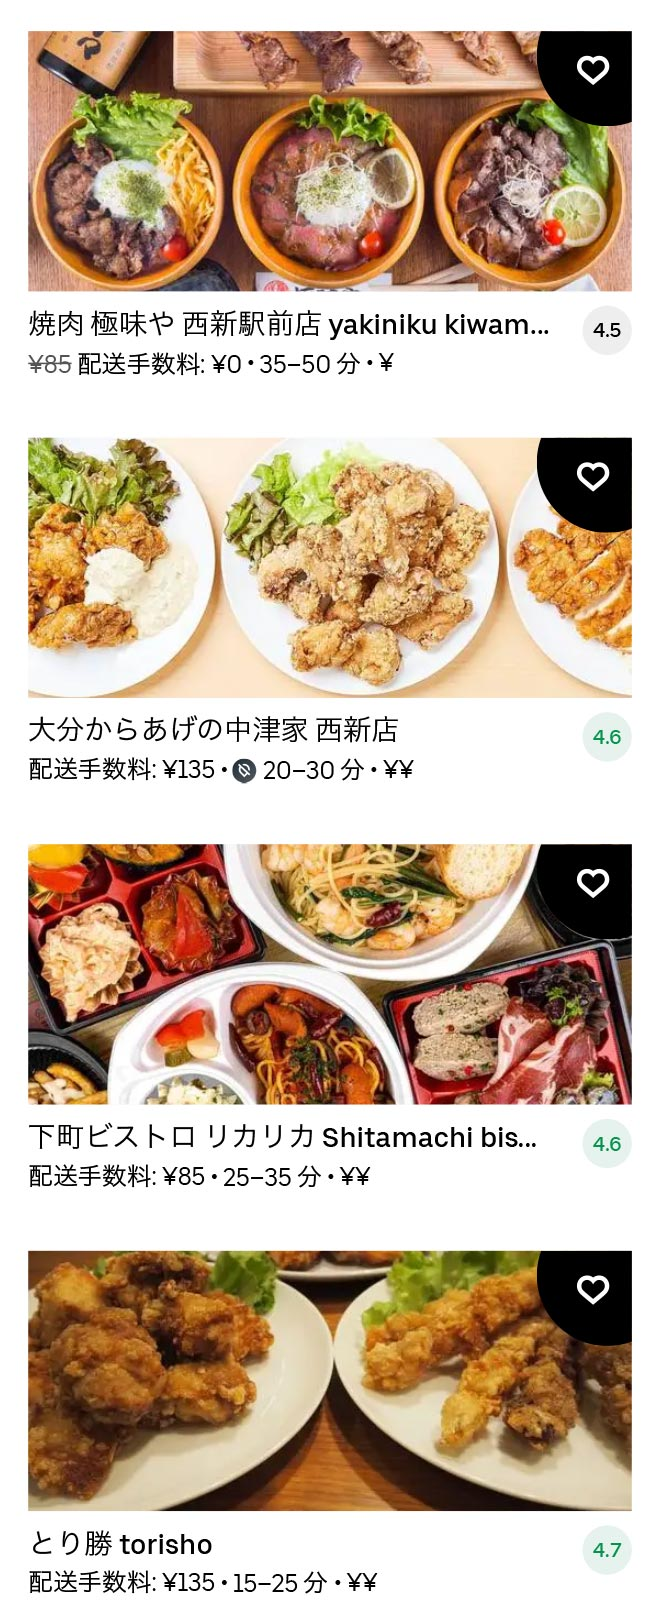 Nishijin menu 2101 11